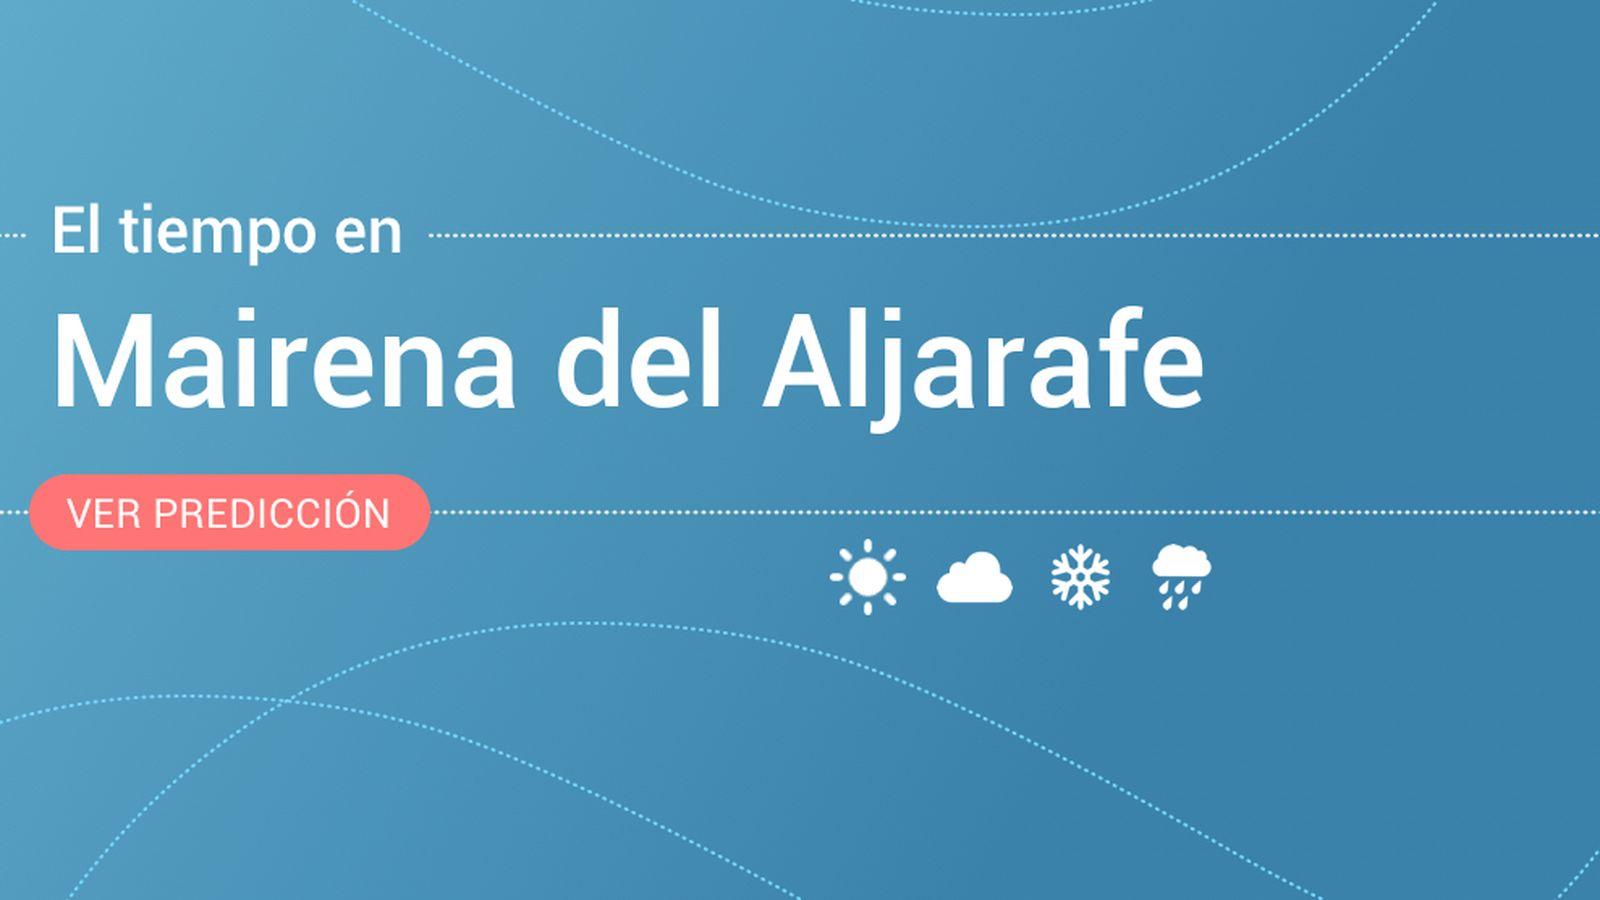 Foto: El tiempo en Mairena del Aljarafe. (EC)